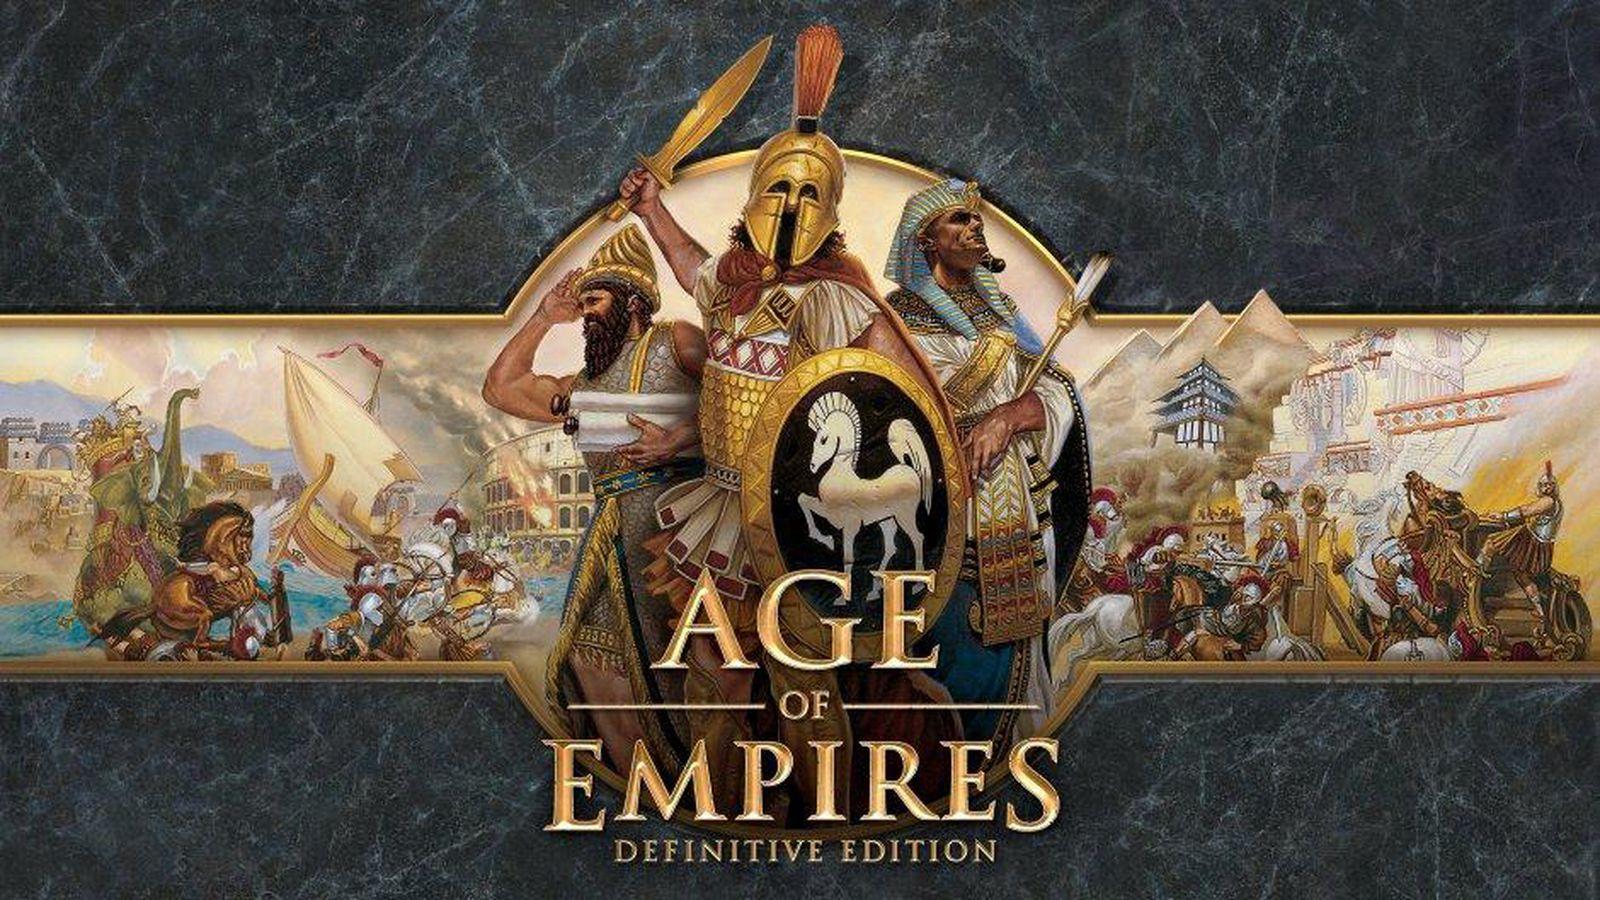 Mới đây nhà phát triển Ensemble Studios đã phát hành phiên bản đồ hoạ 4K  của tựa game Age of Empires (Đế chế). Và trong bài viết này minh sẽ hướng  dẫn ...